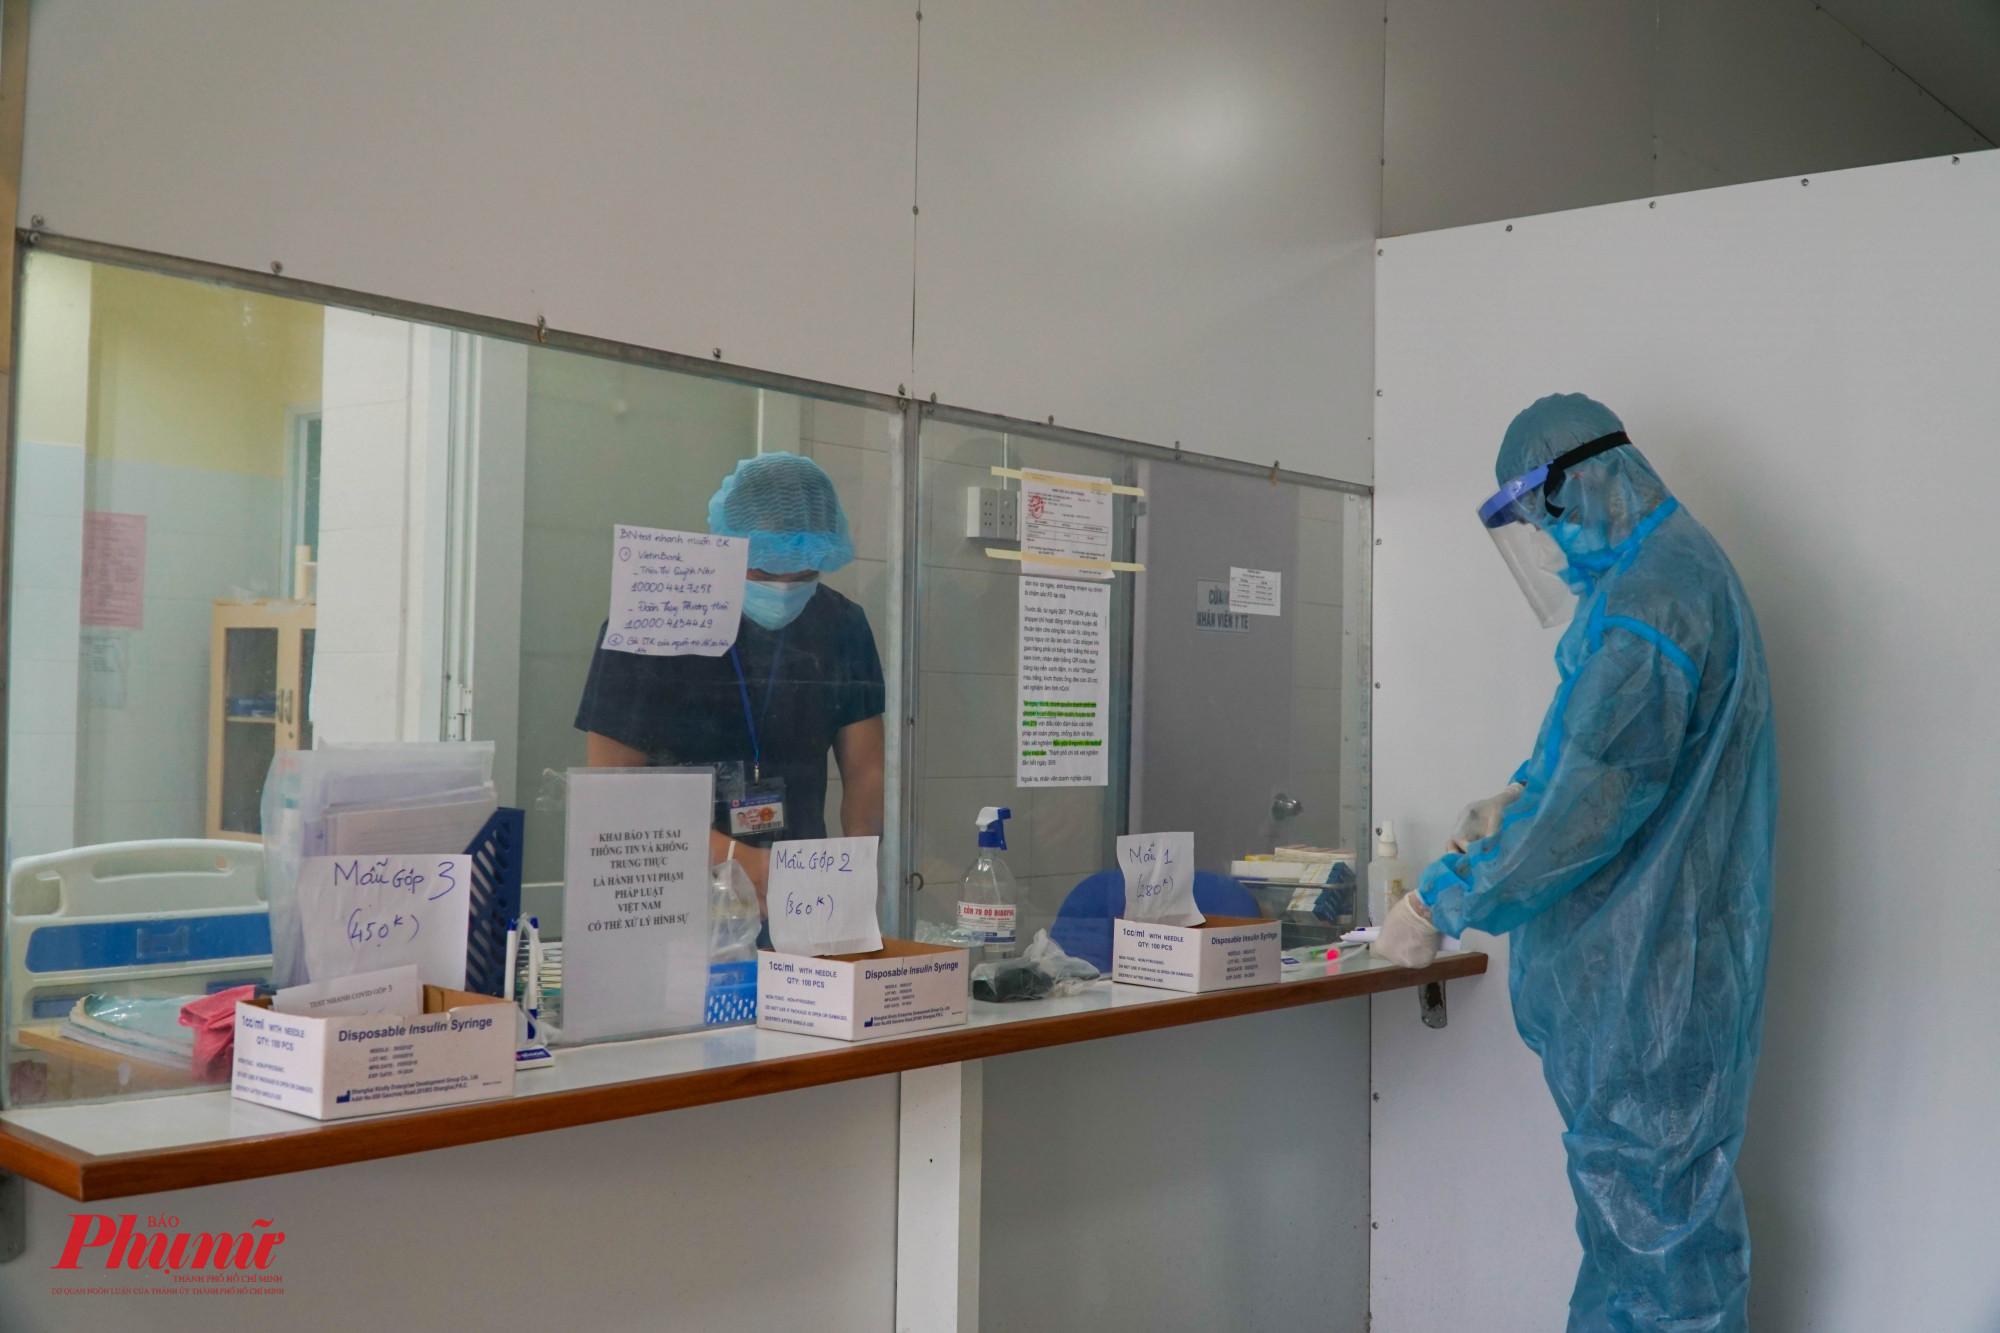 Lực lượng xét nghiệm tại bệnh viên quận 1 vẫn bảo đảm thực hiện